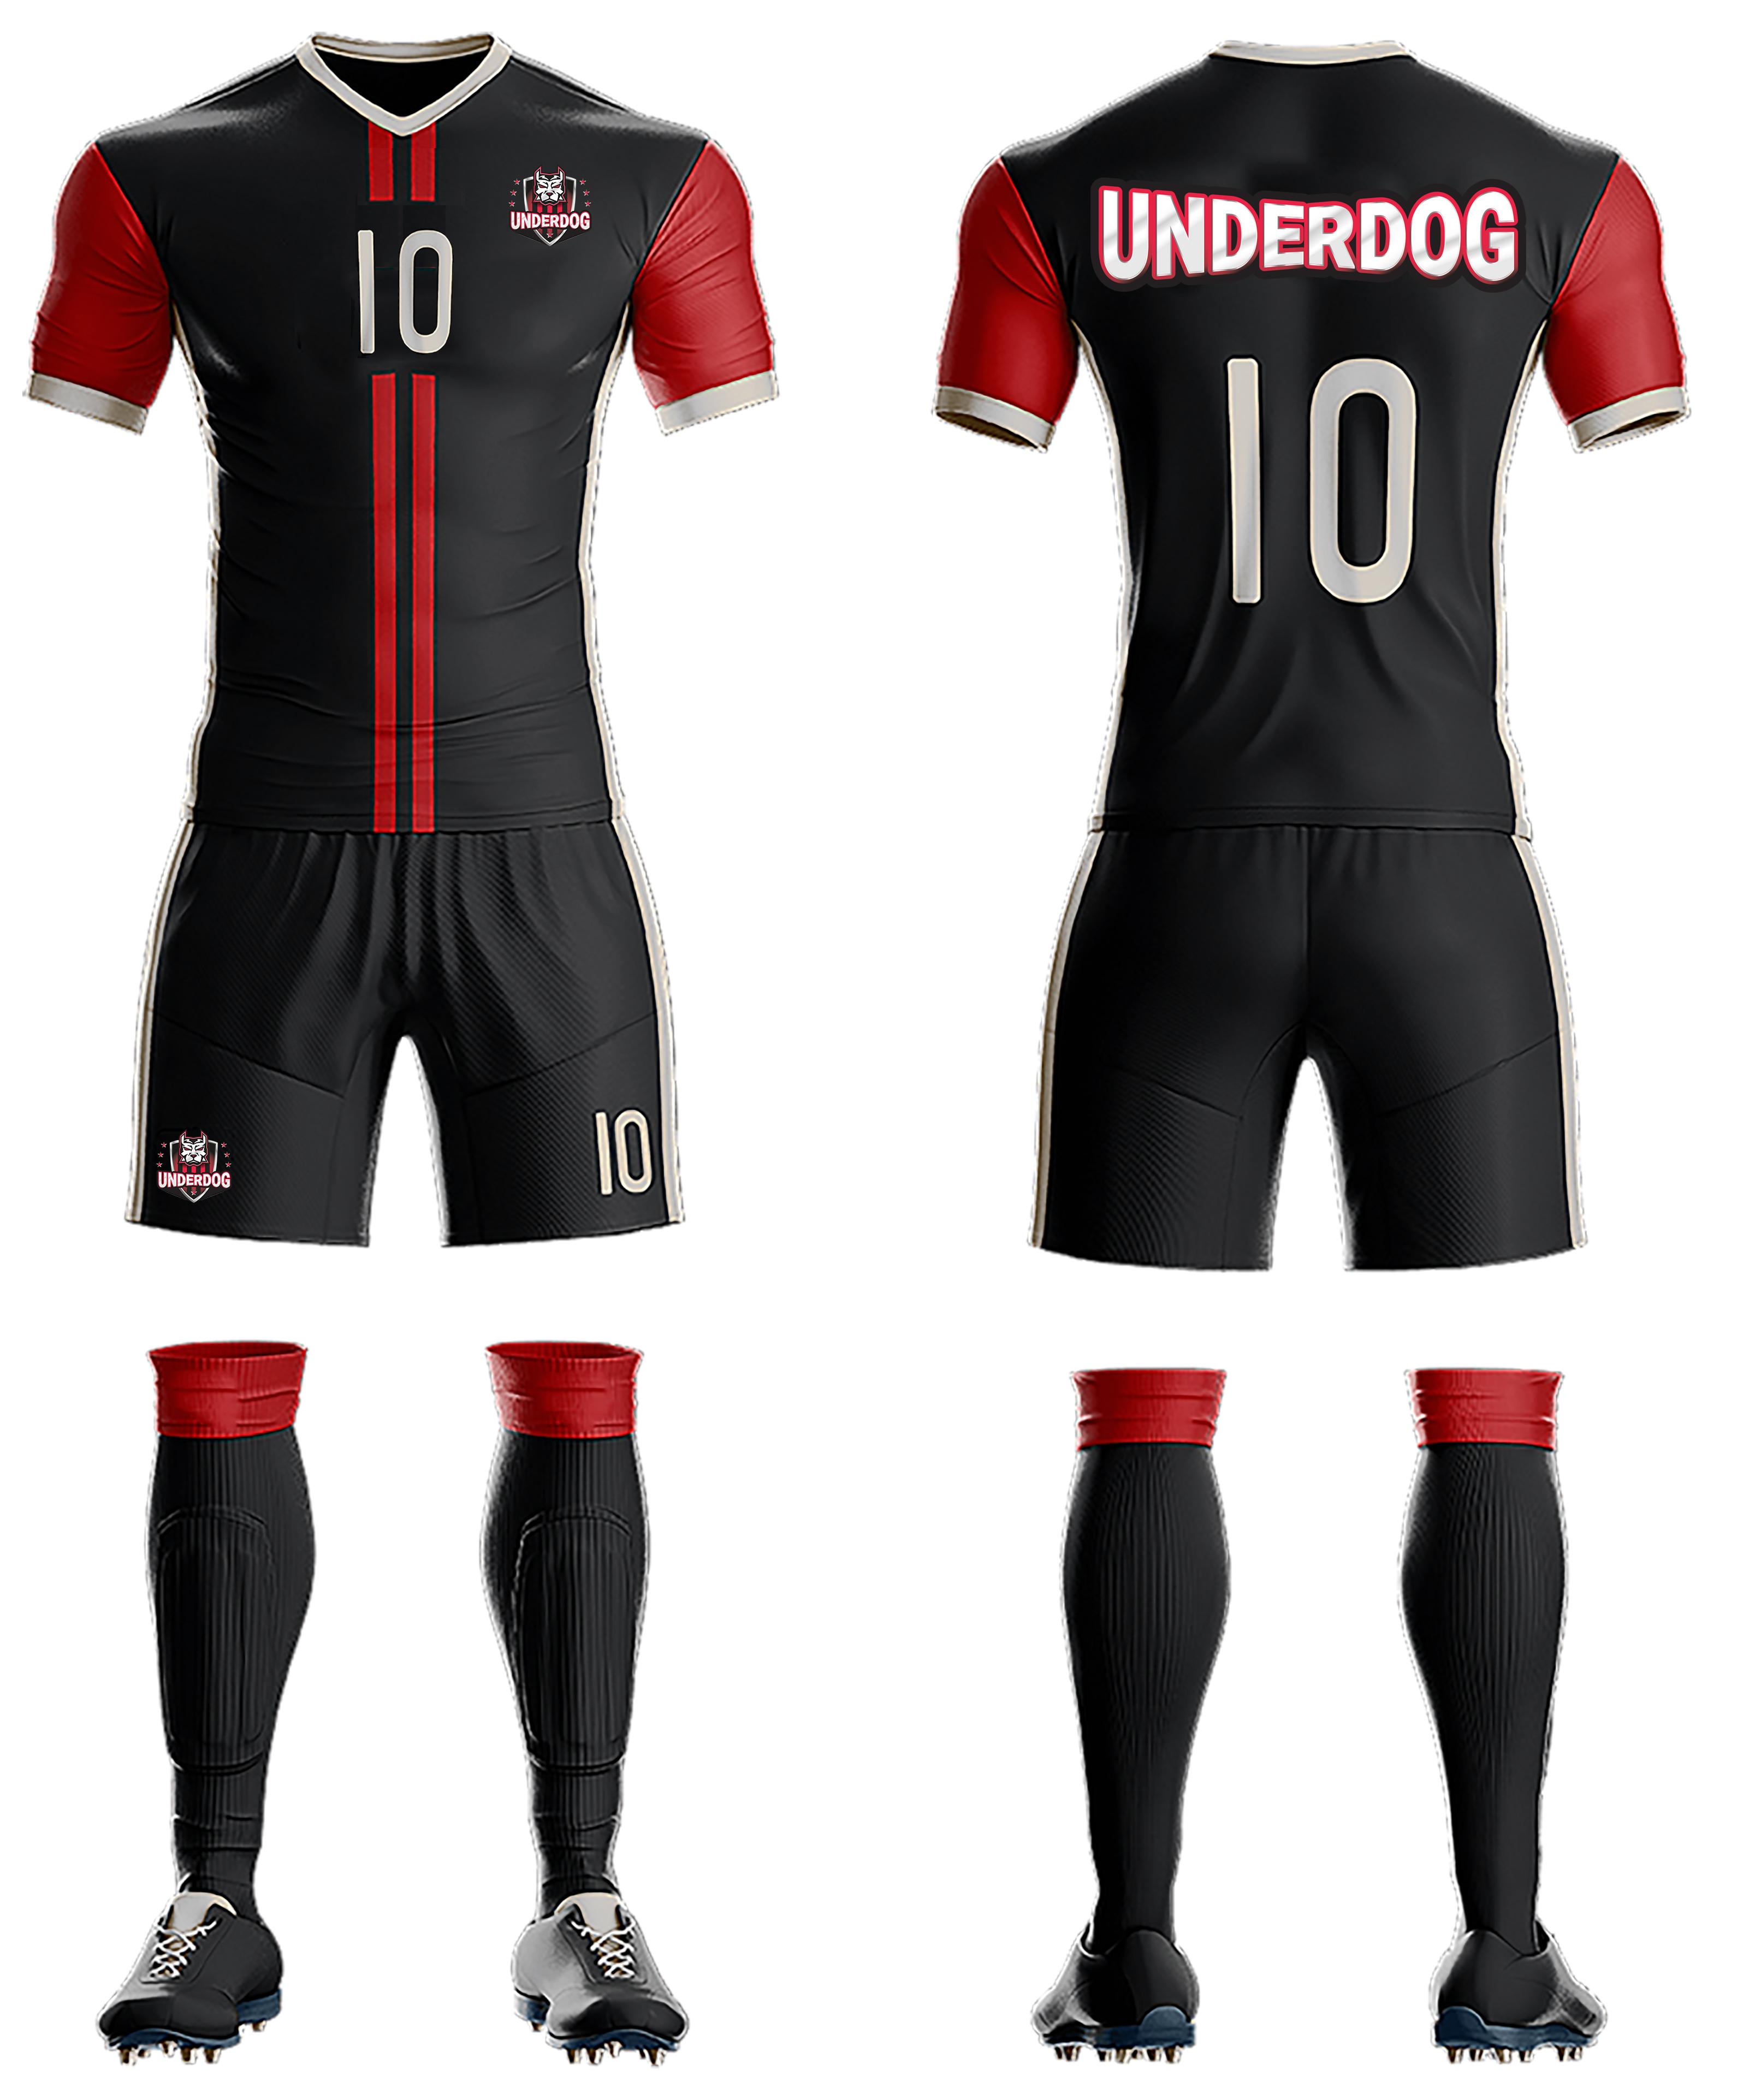 Футбольный клуб UNDERDOG - разработать фирстиль и бренд-бук фото f_0665cb06b7acff56.jpg